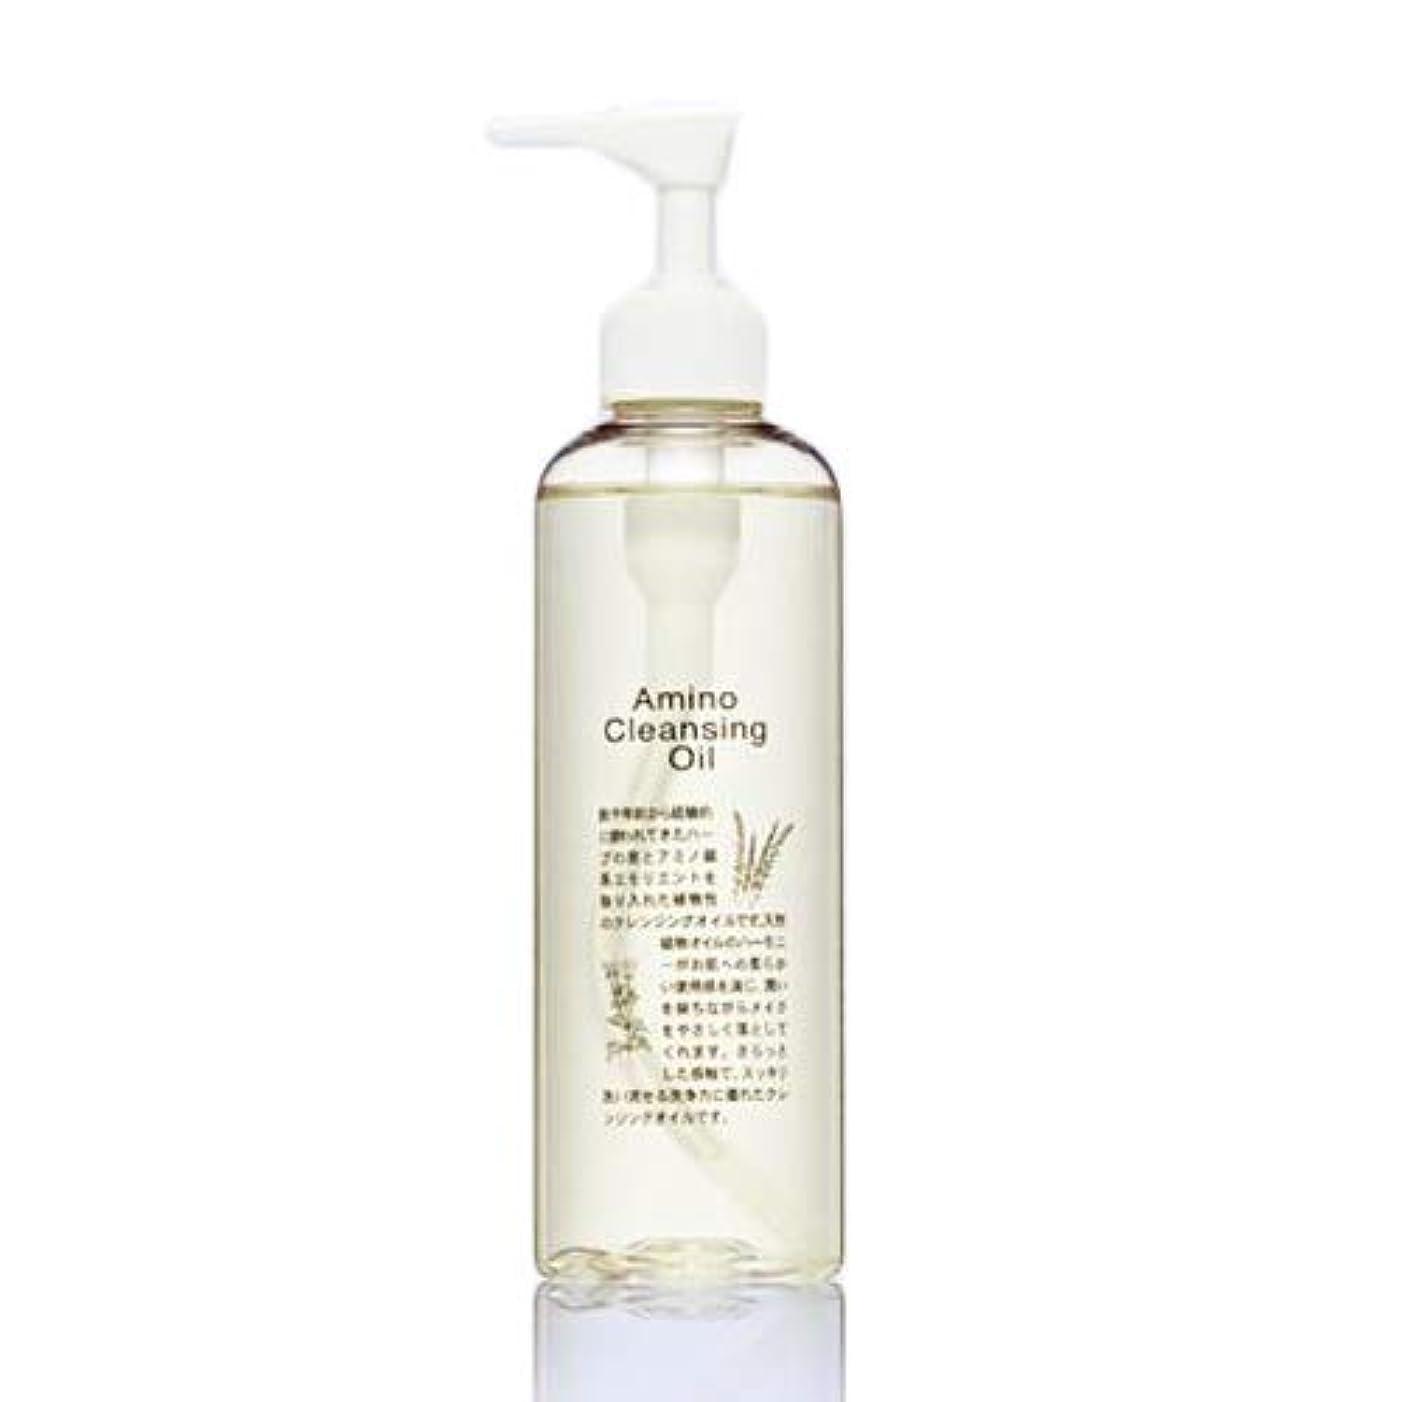 エビス化粧品(EBiS) アミノクレンジングオイル クレンジング